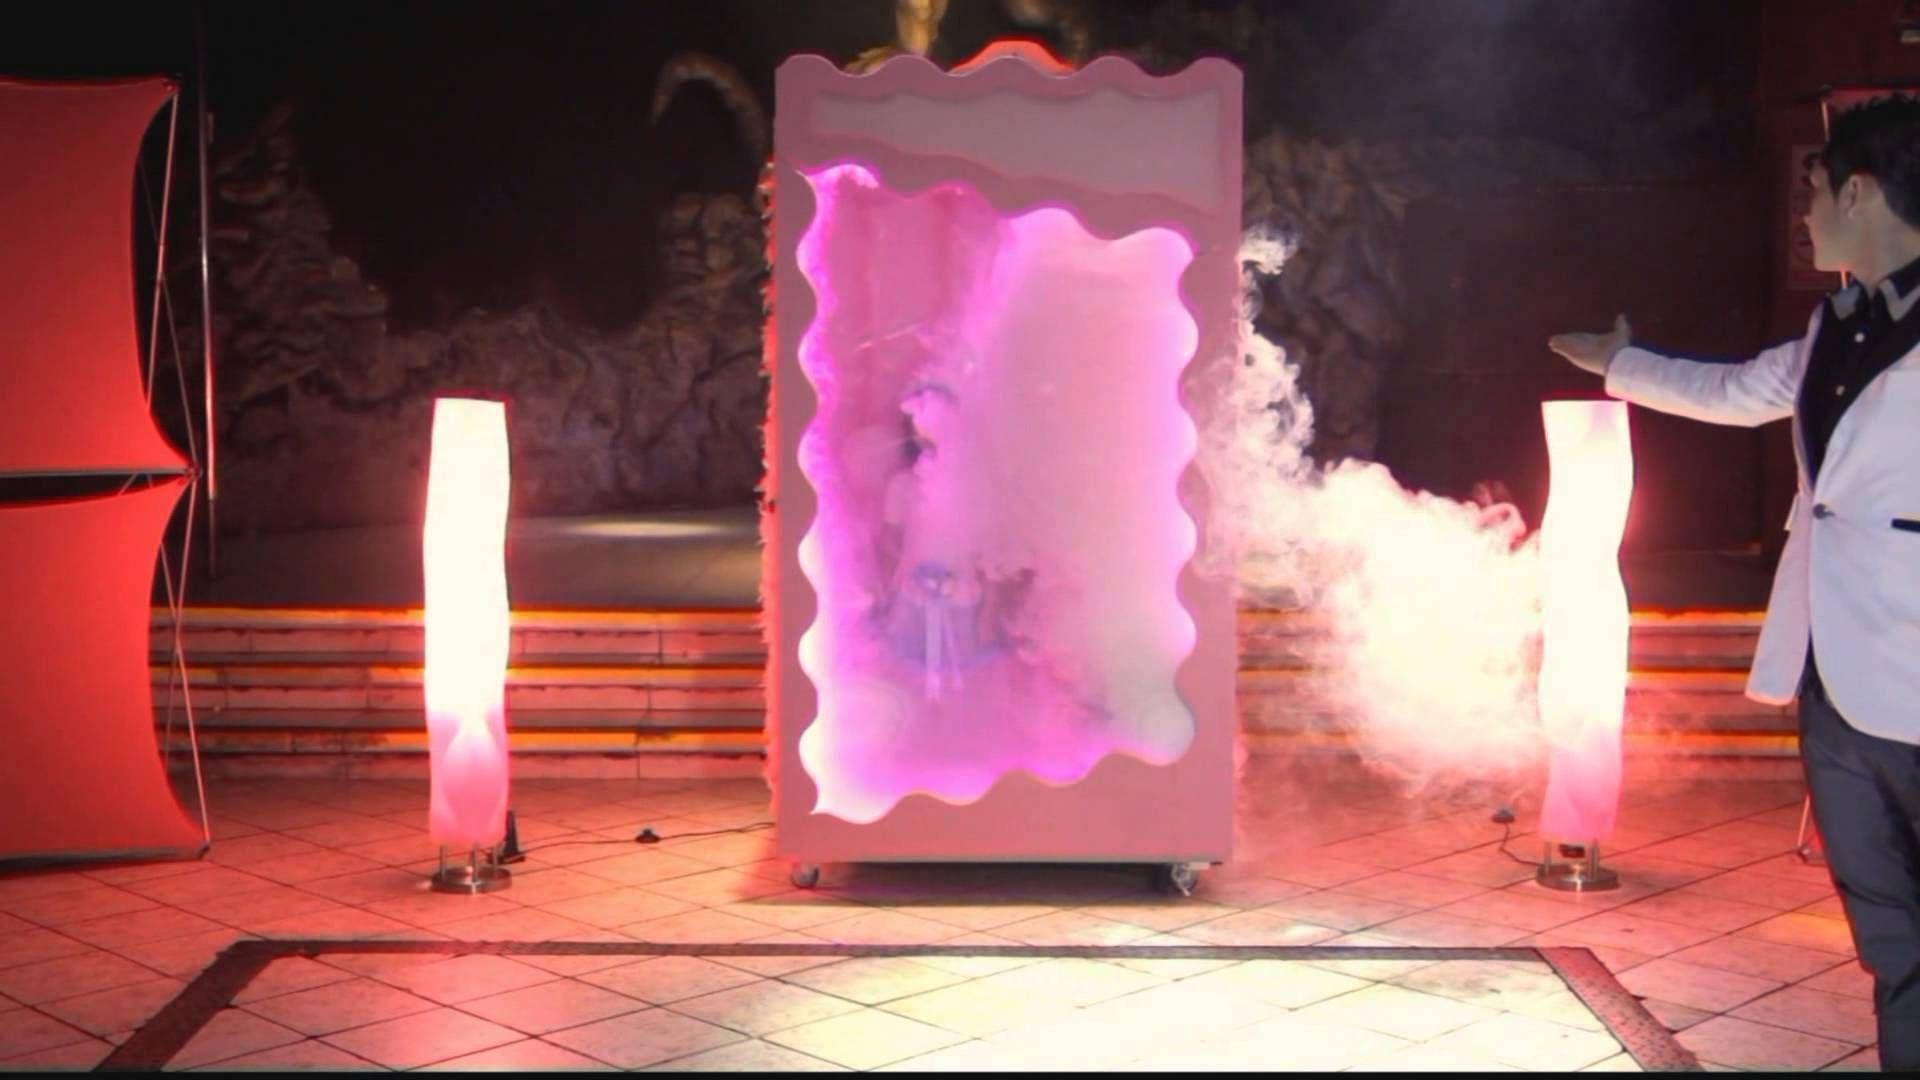 Como lo haría Barbie: En una caja de muñecas.http://www.quinceteens.com/4-sorprendentes-entradas-para-tus-quince/